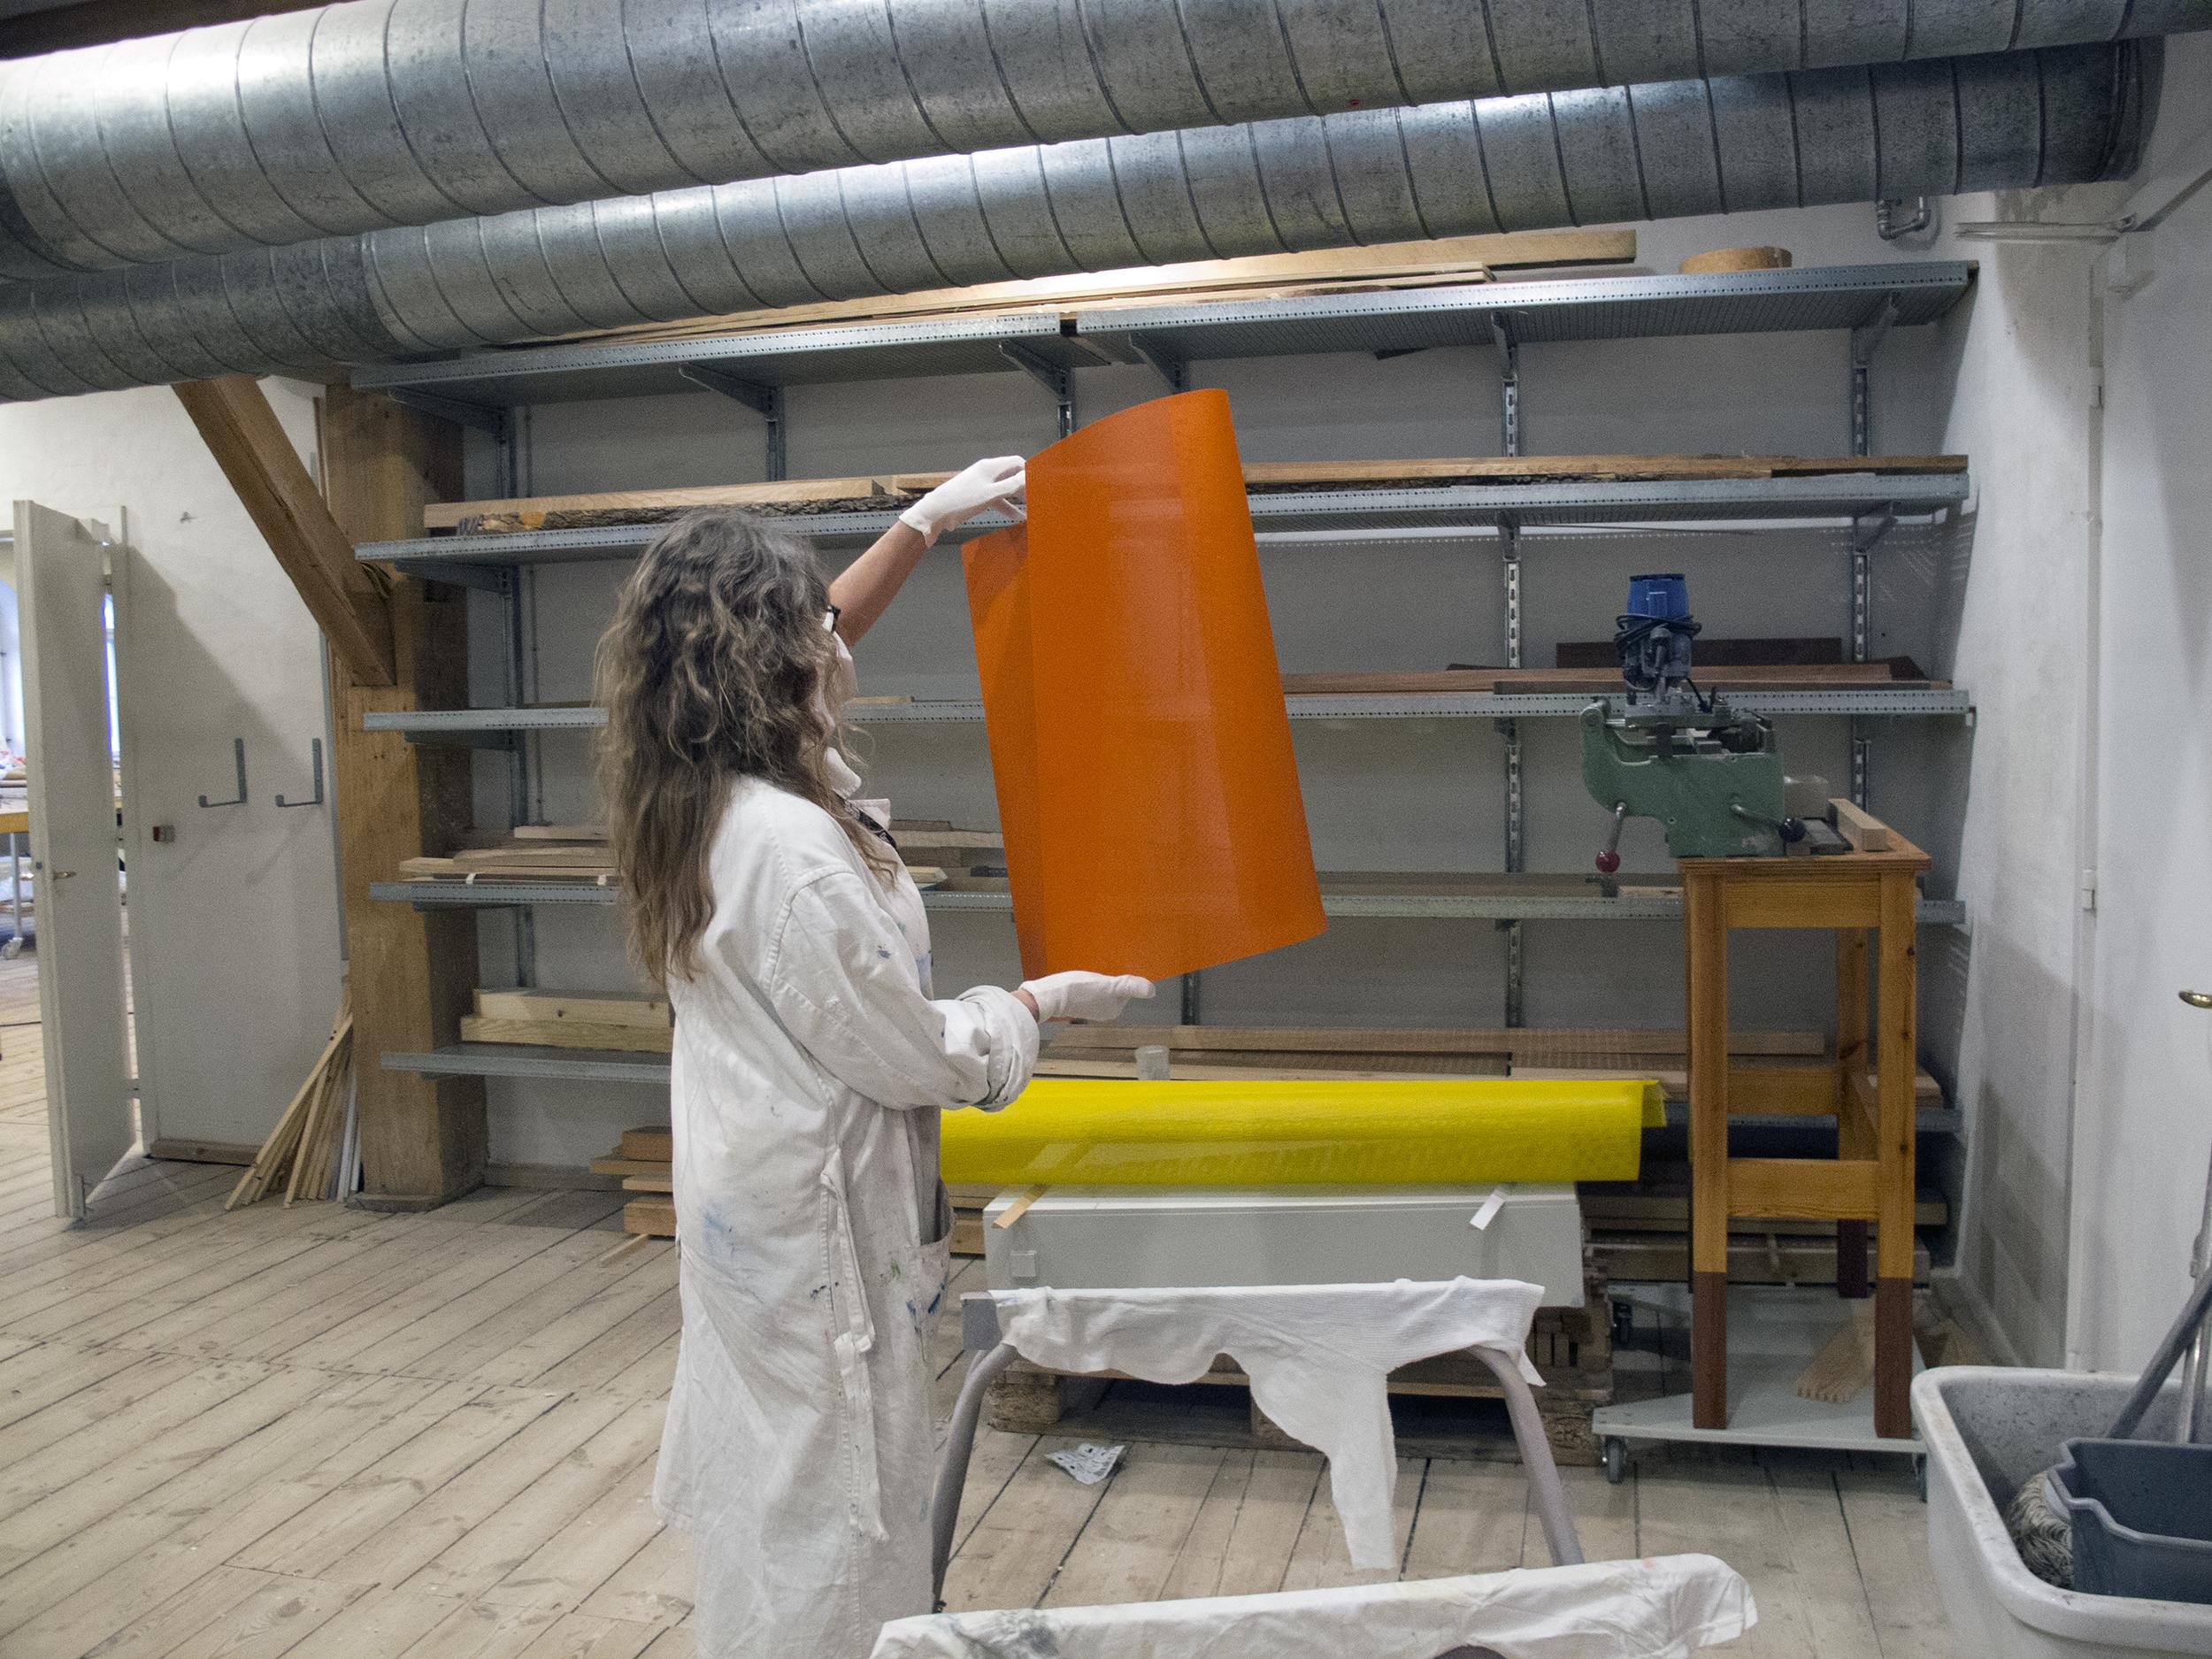 Lysobjekter til kunstnerisk udsmykning af Dansk Center for Partikelterapi, Aarhus Universitetshospital